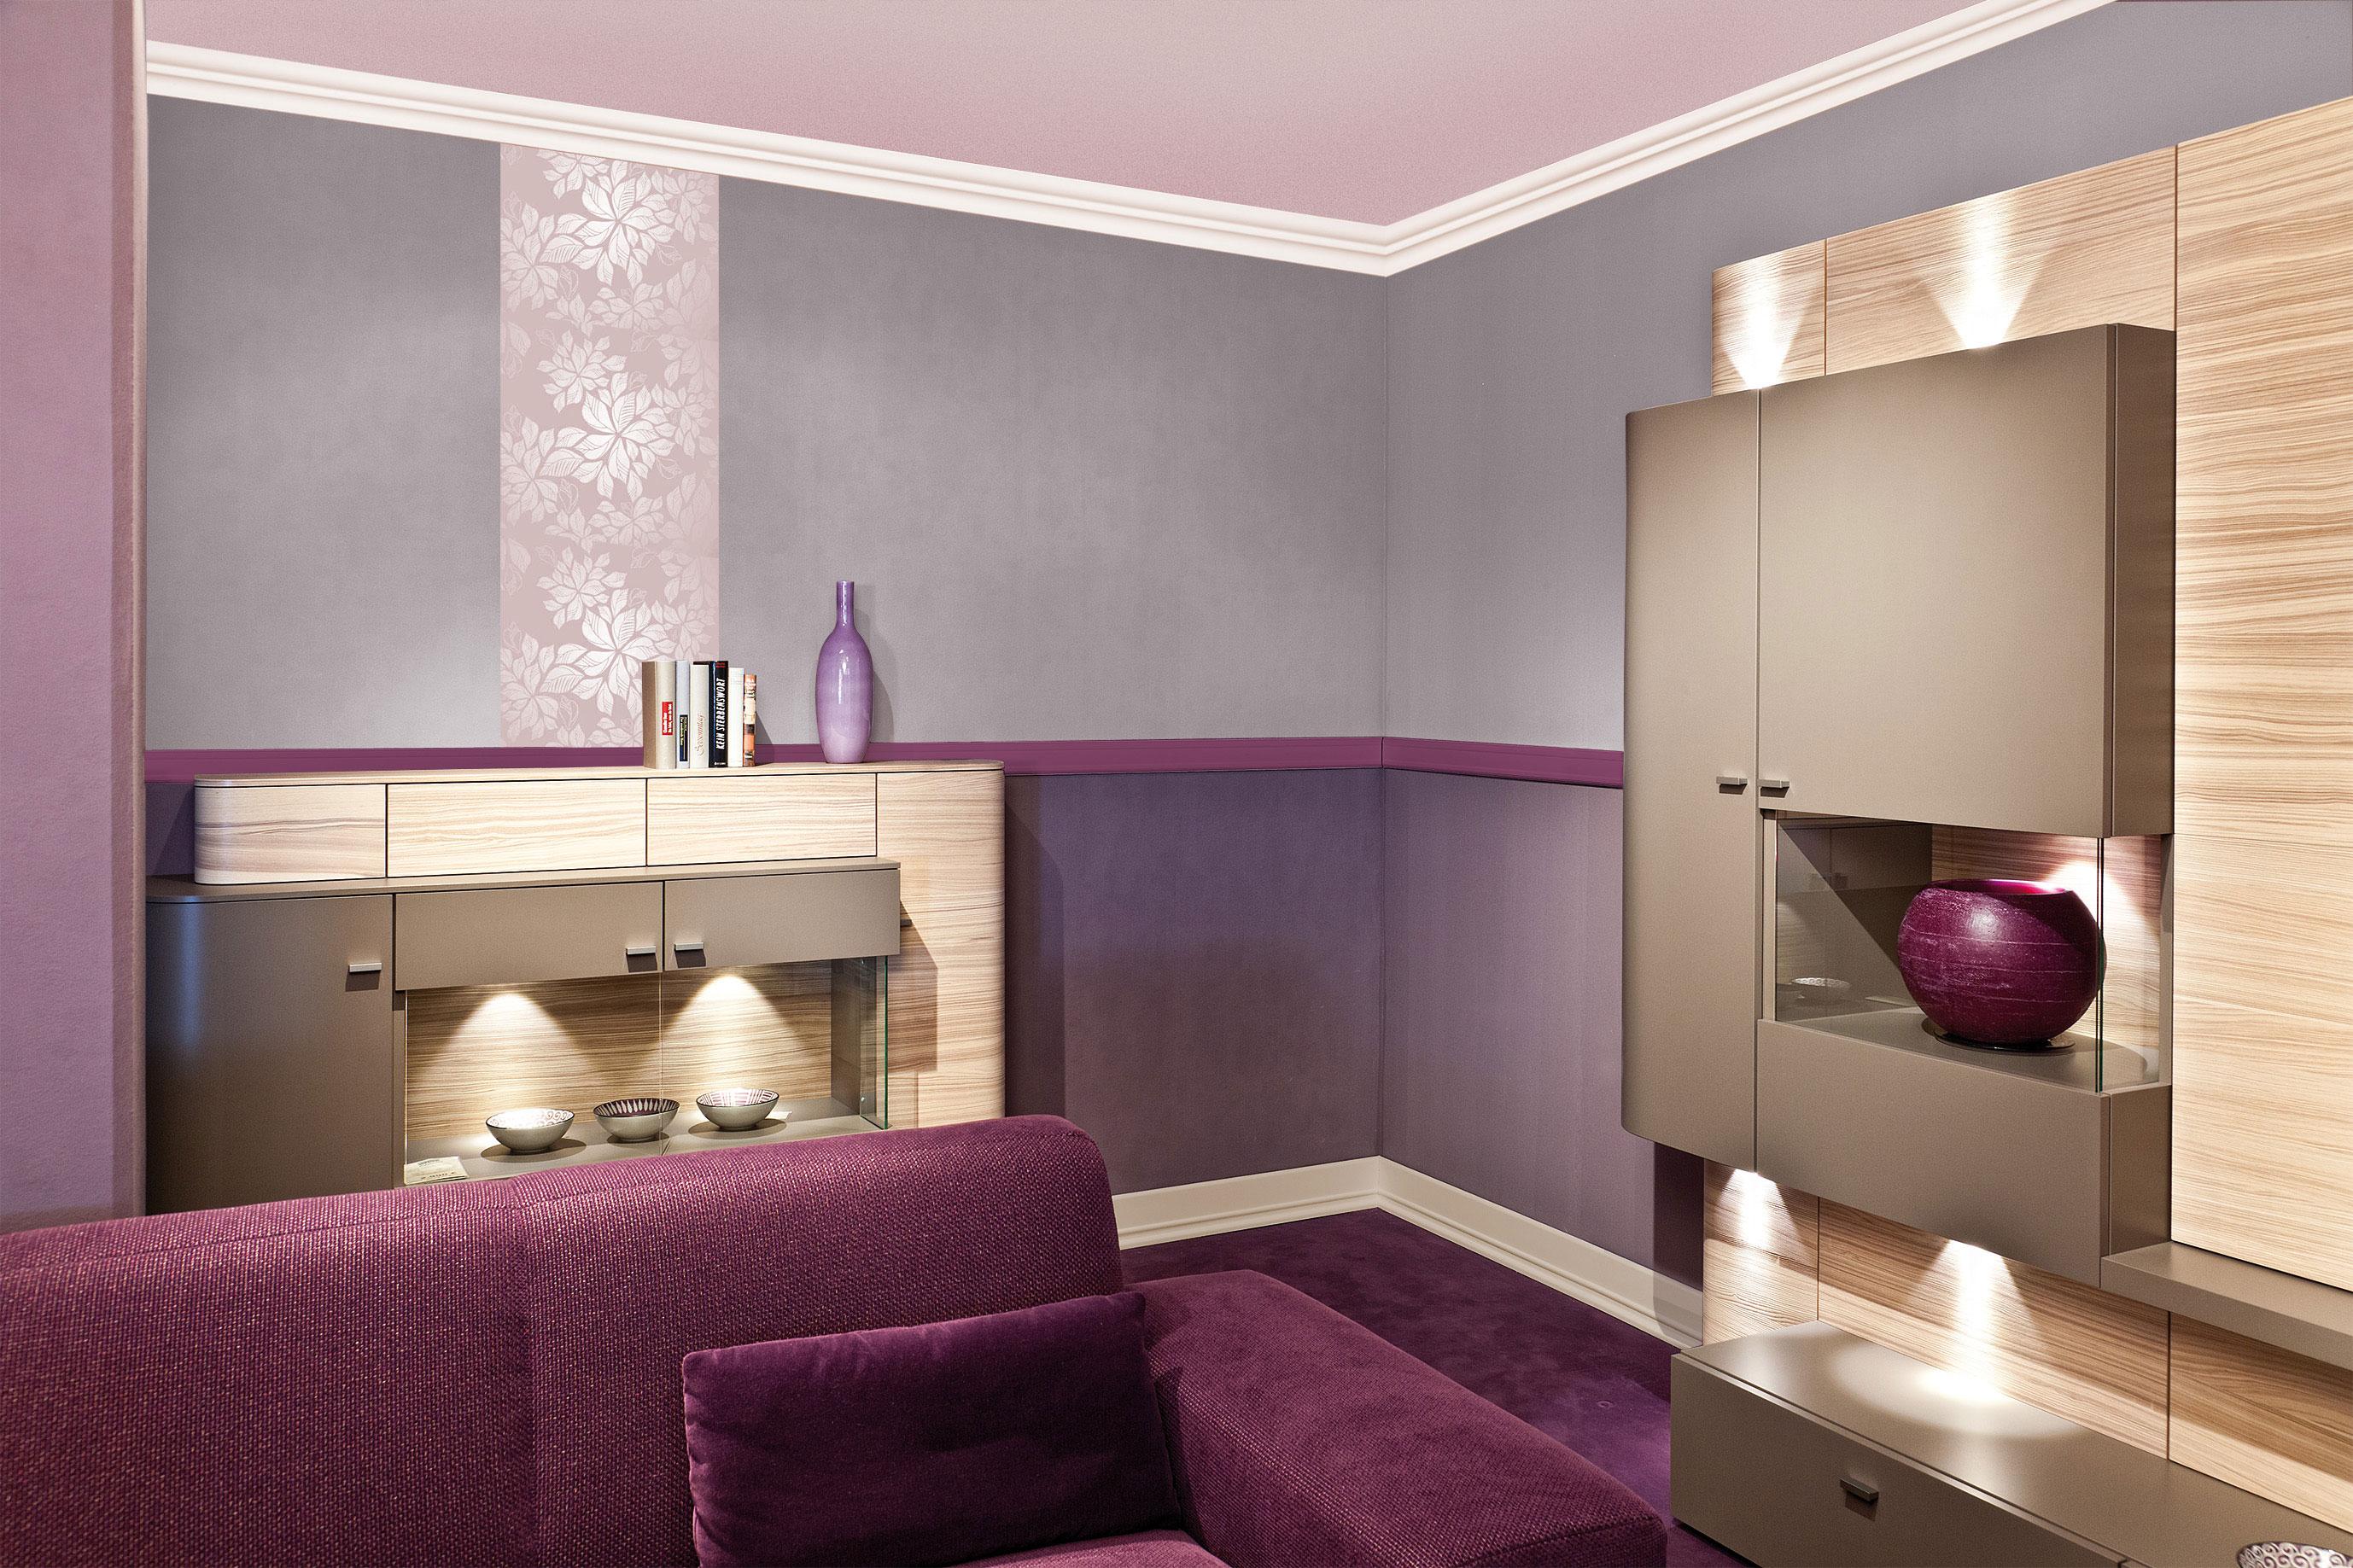 raumgestaltung von den deckenleisten bis zum boden. Black Bedroom Furniture Sets. Home Design Ideas